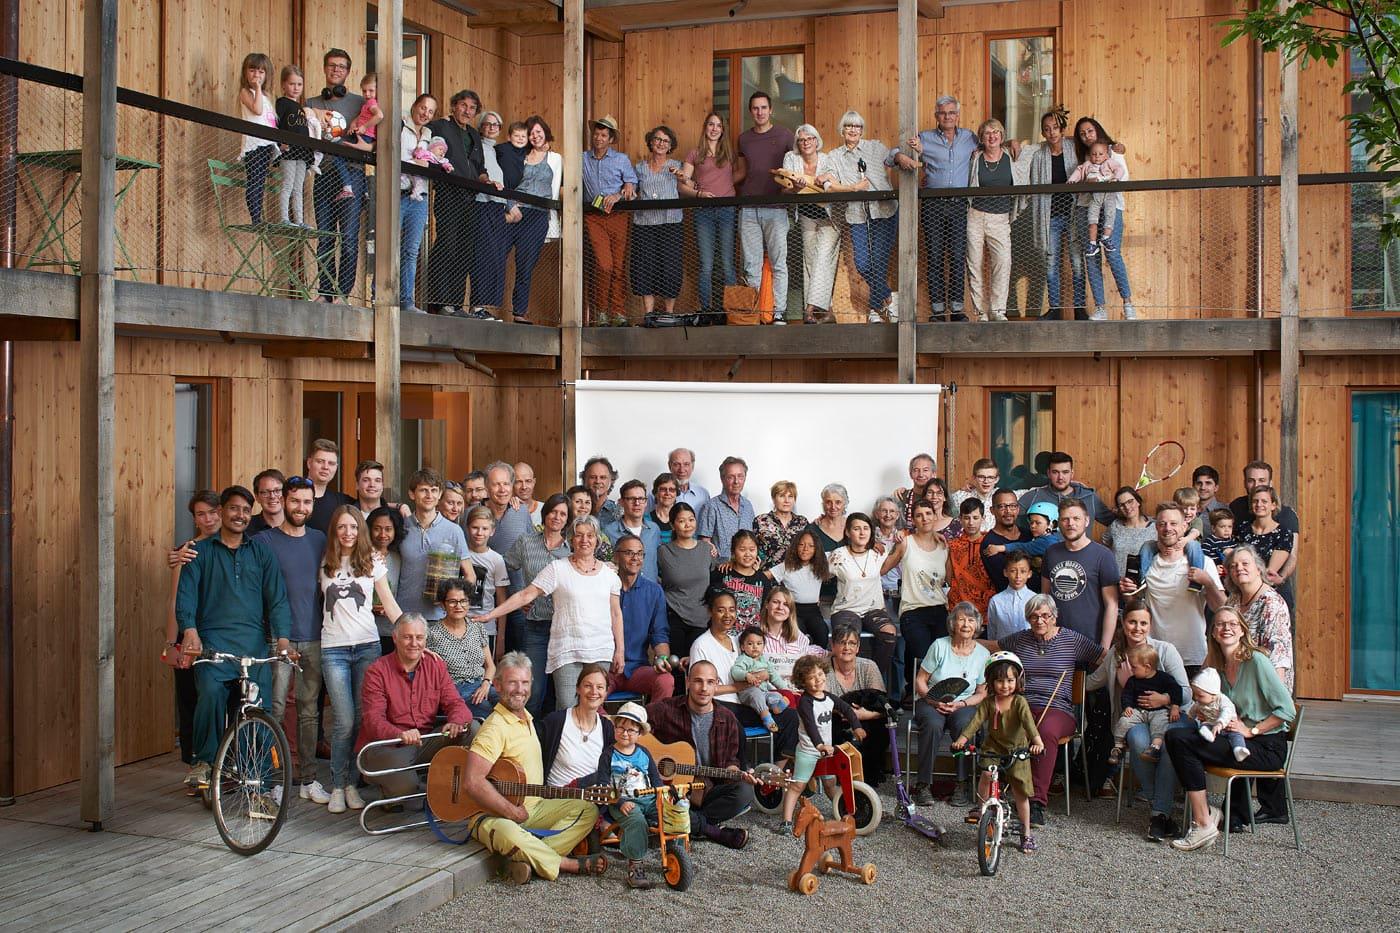 Familienfoto © Dominic Büttner. Zürich